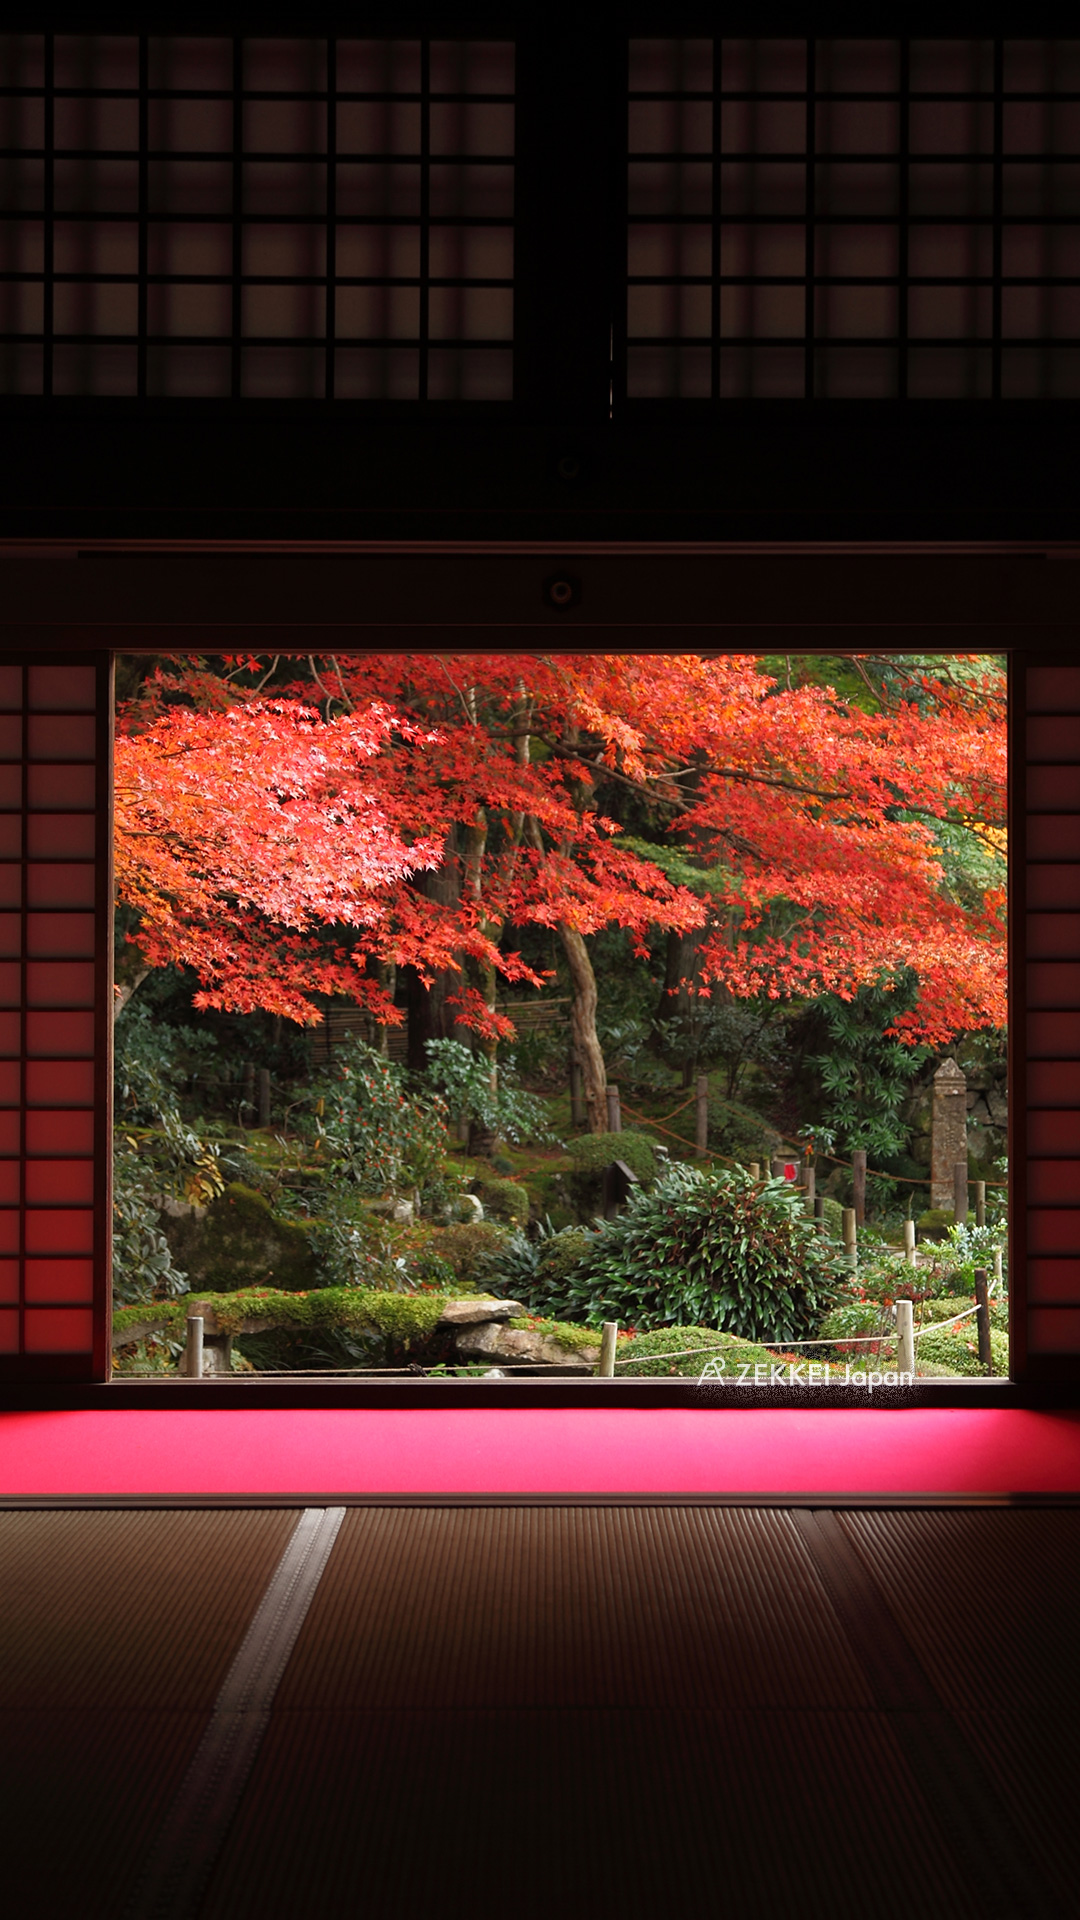 絶景壁紙 窓 から愛でる紅葉の壁紙を あなたのパソコンやスマホに Zekkei Japan